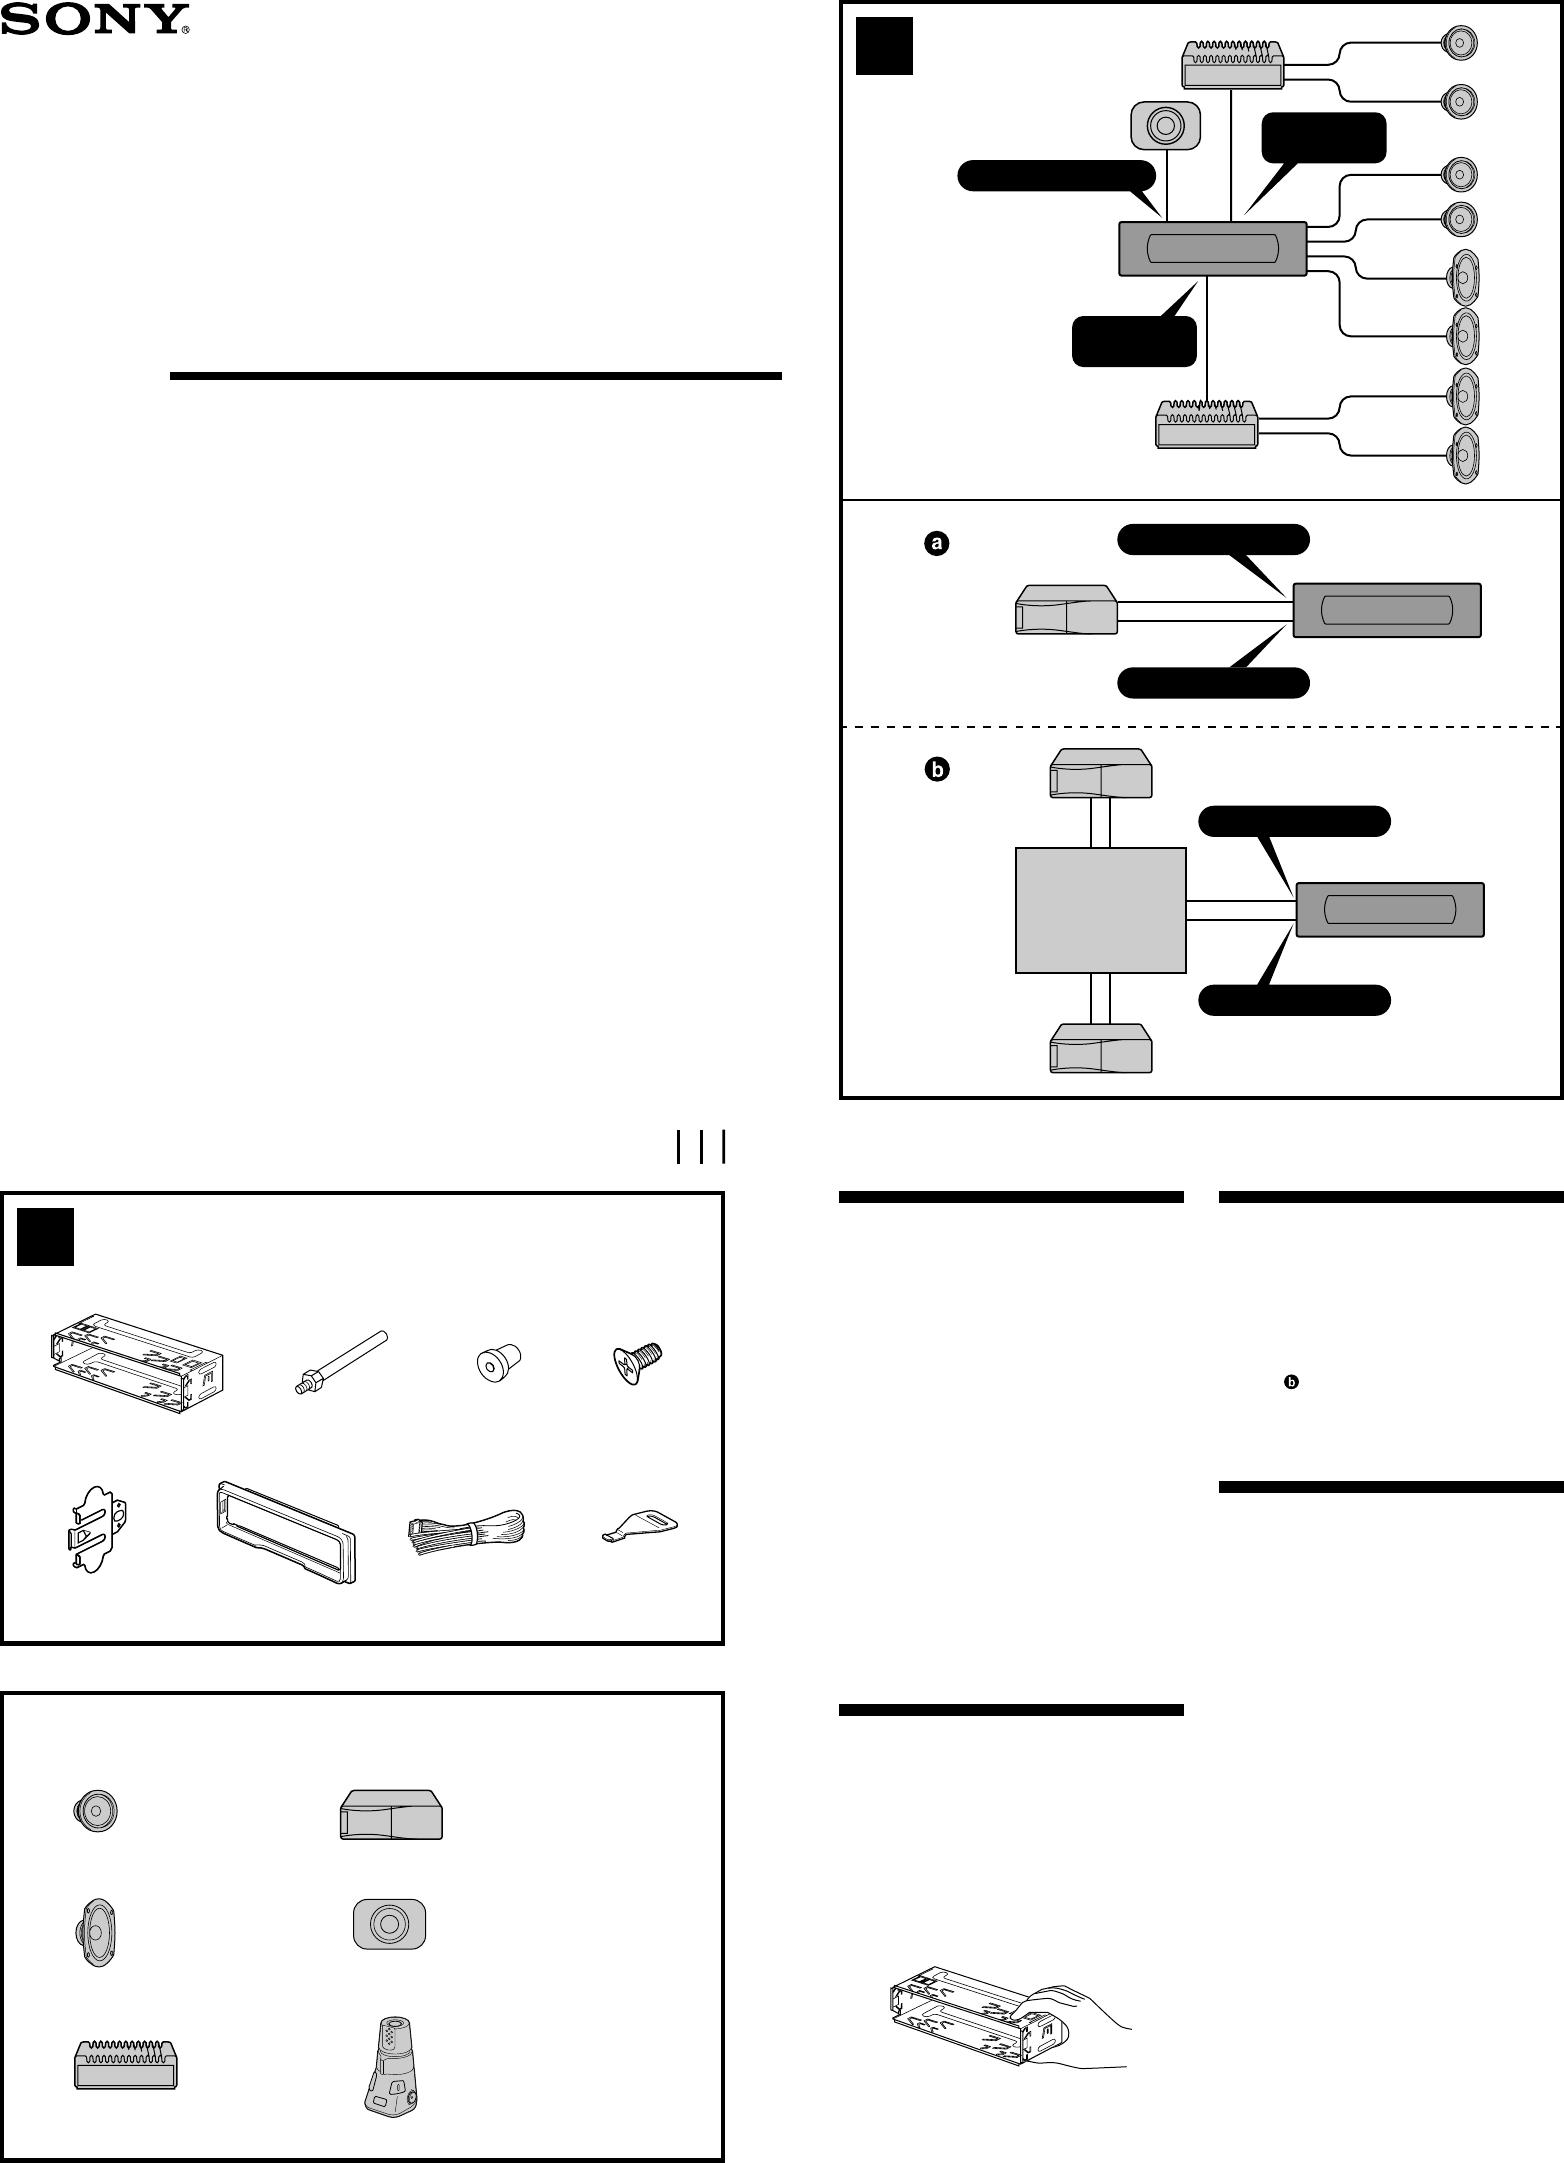 [DIAGRAM_1CA]  Sony Xplod Cdx M630 Users Manual M730_M630 | Wiring Diagram Sony Cdx M630 |  | UserManual.wiki